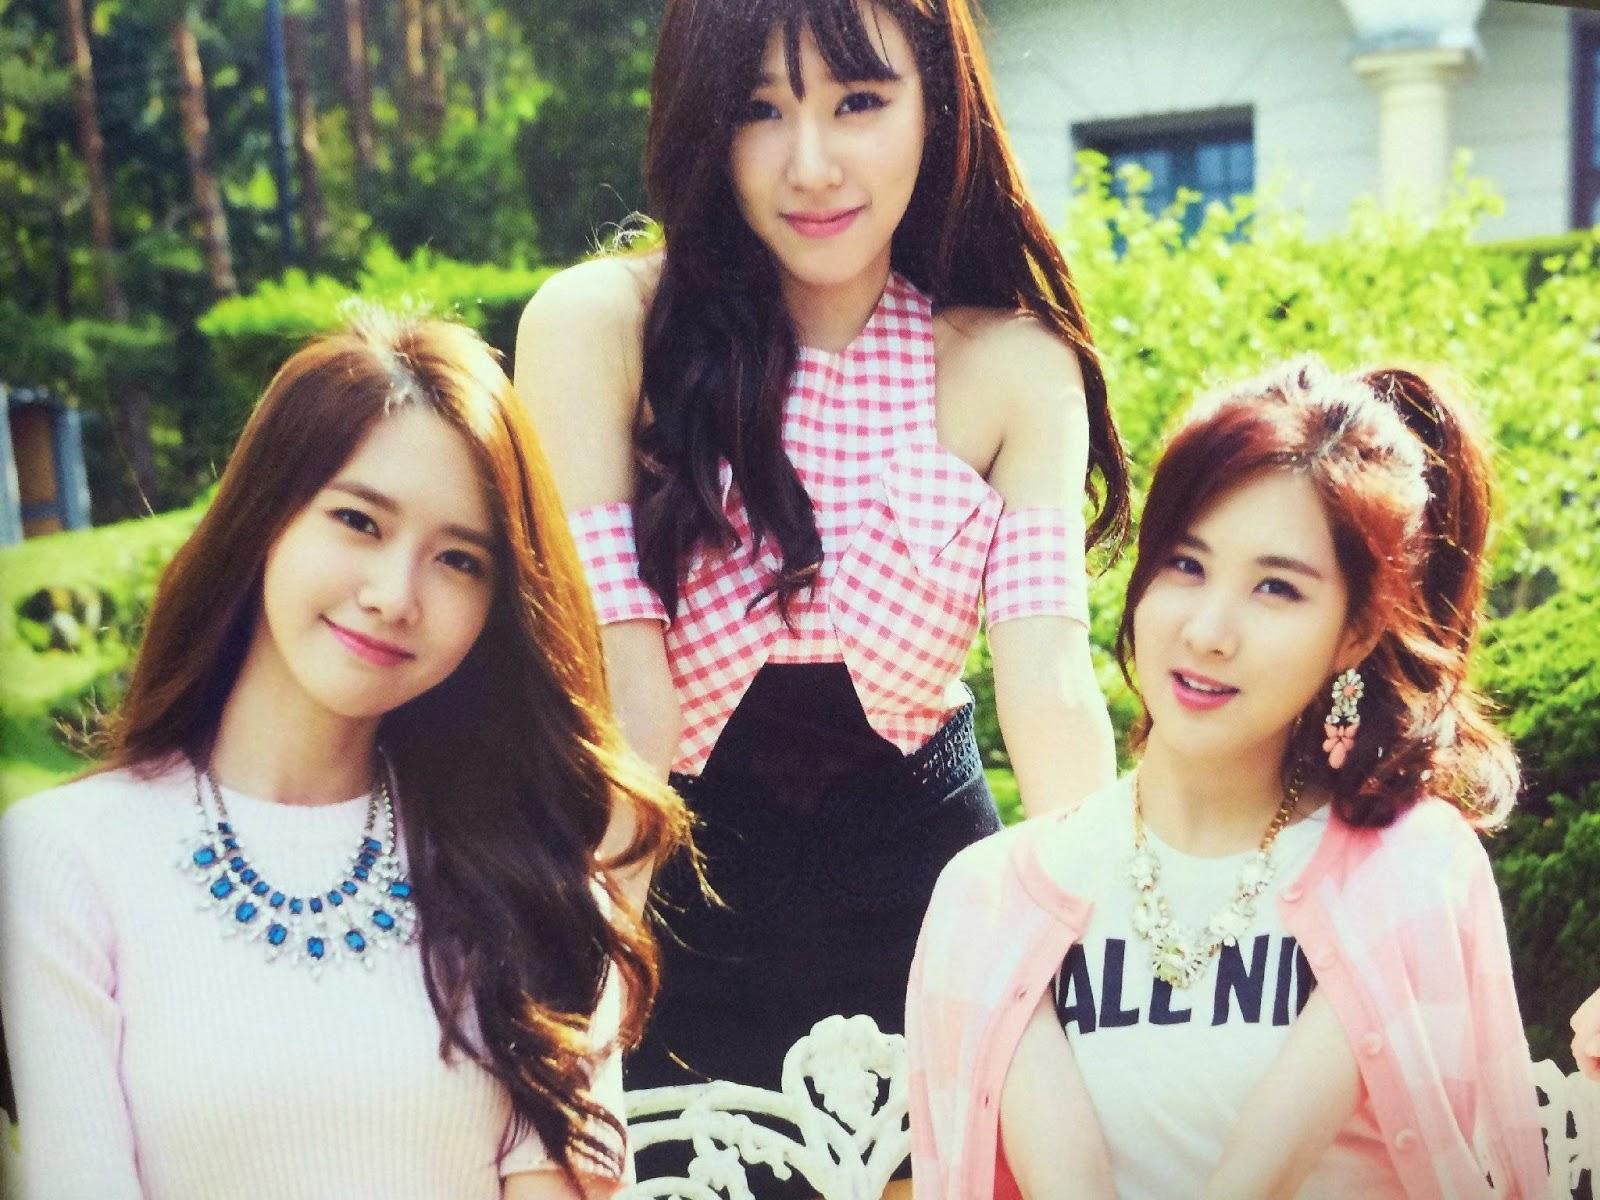 SNSD Girls Generation The Best Scan Wallpaper HD 10